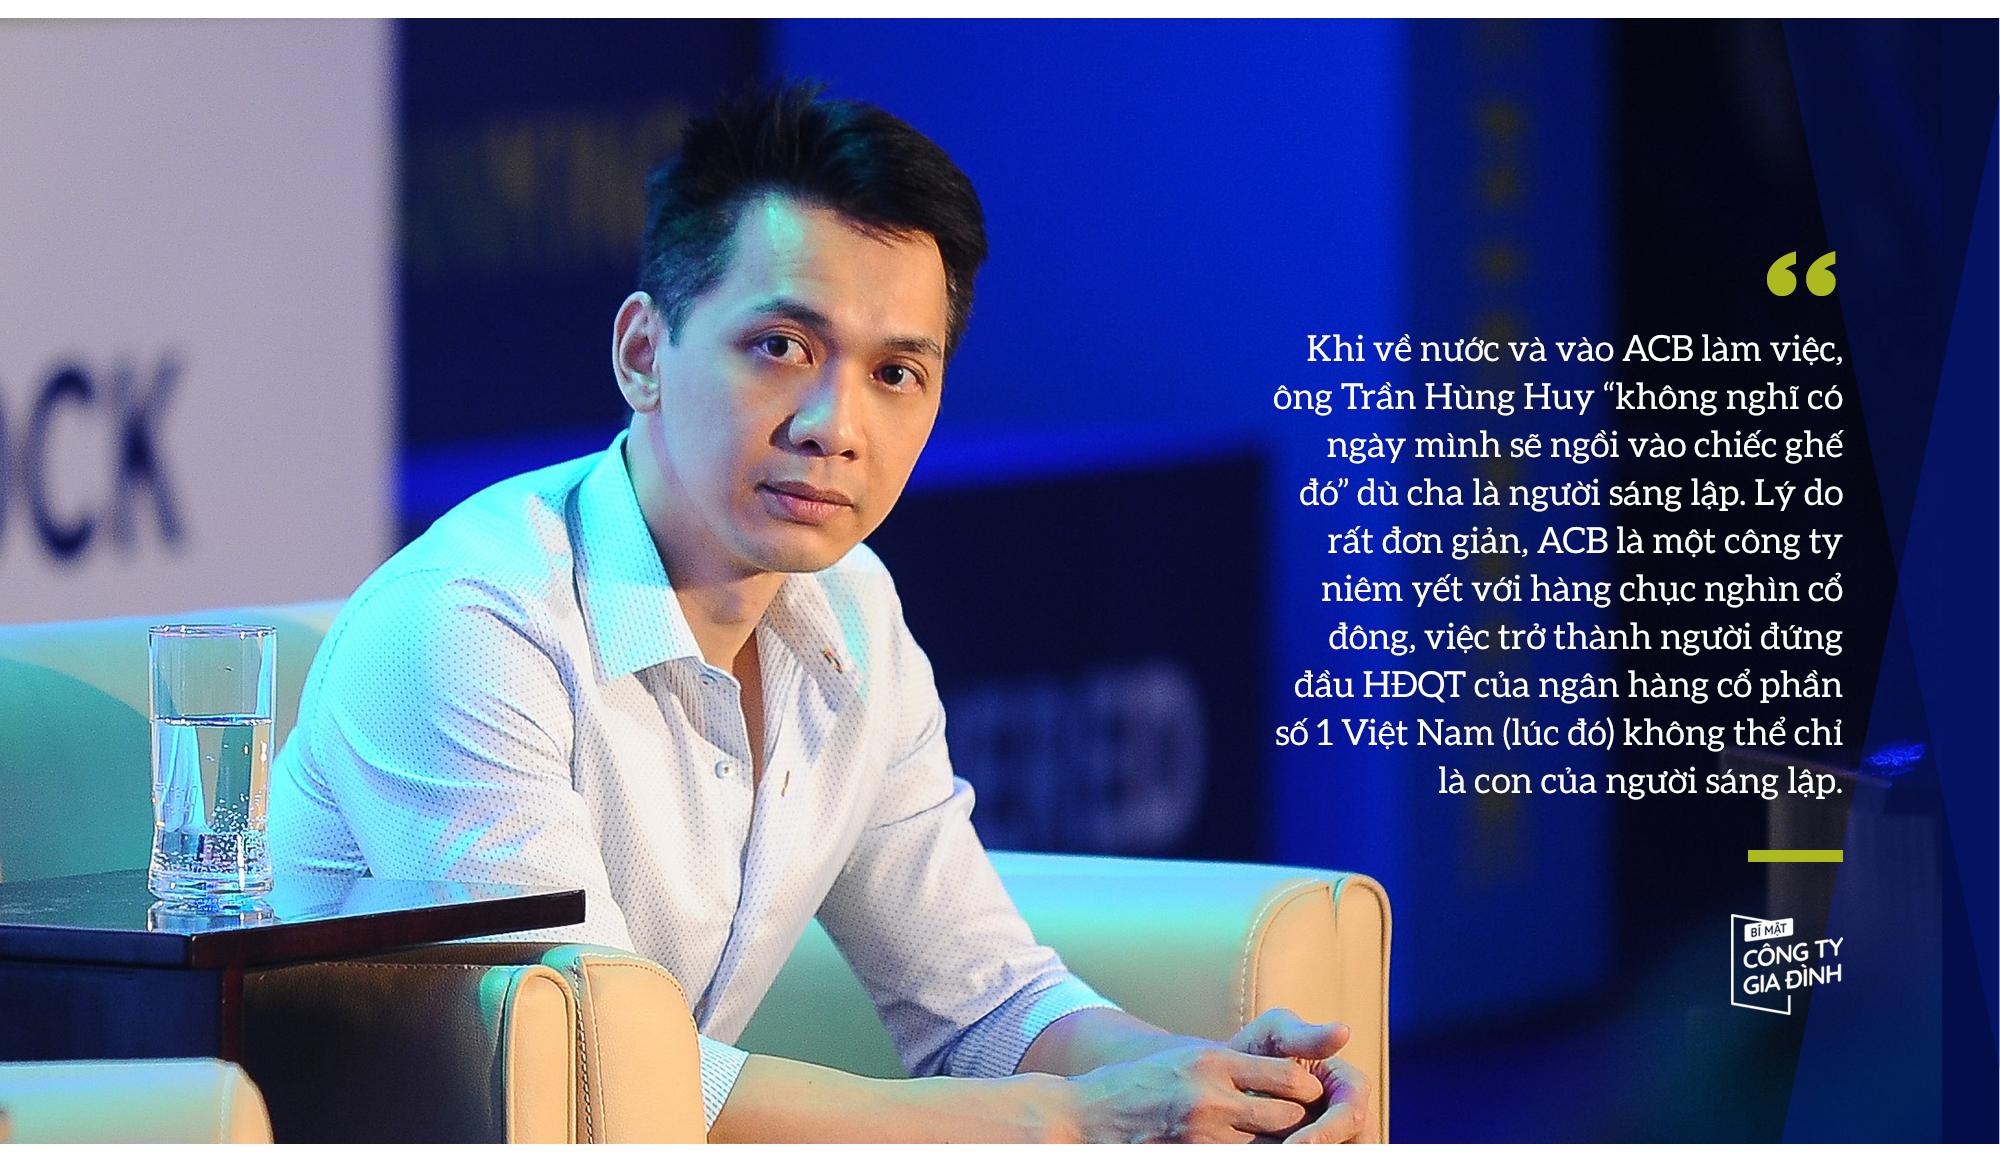 Trần Hùng Huy: Vị Chủ tịch ngân hàng đặc biệt nhất Việt Nam - Ảnh 10.